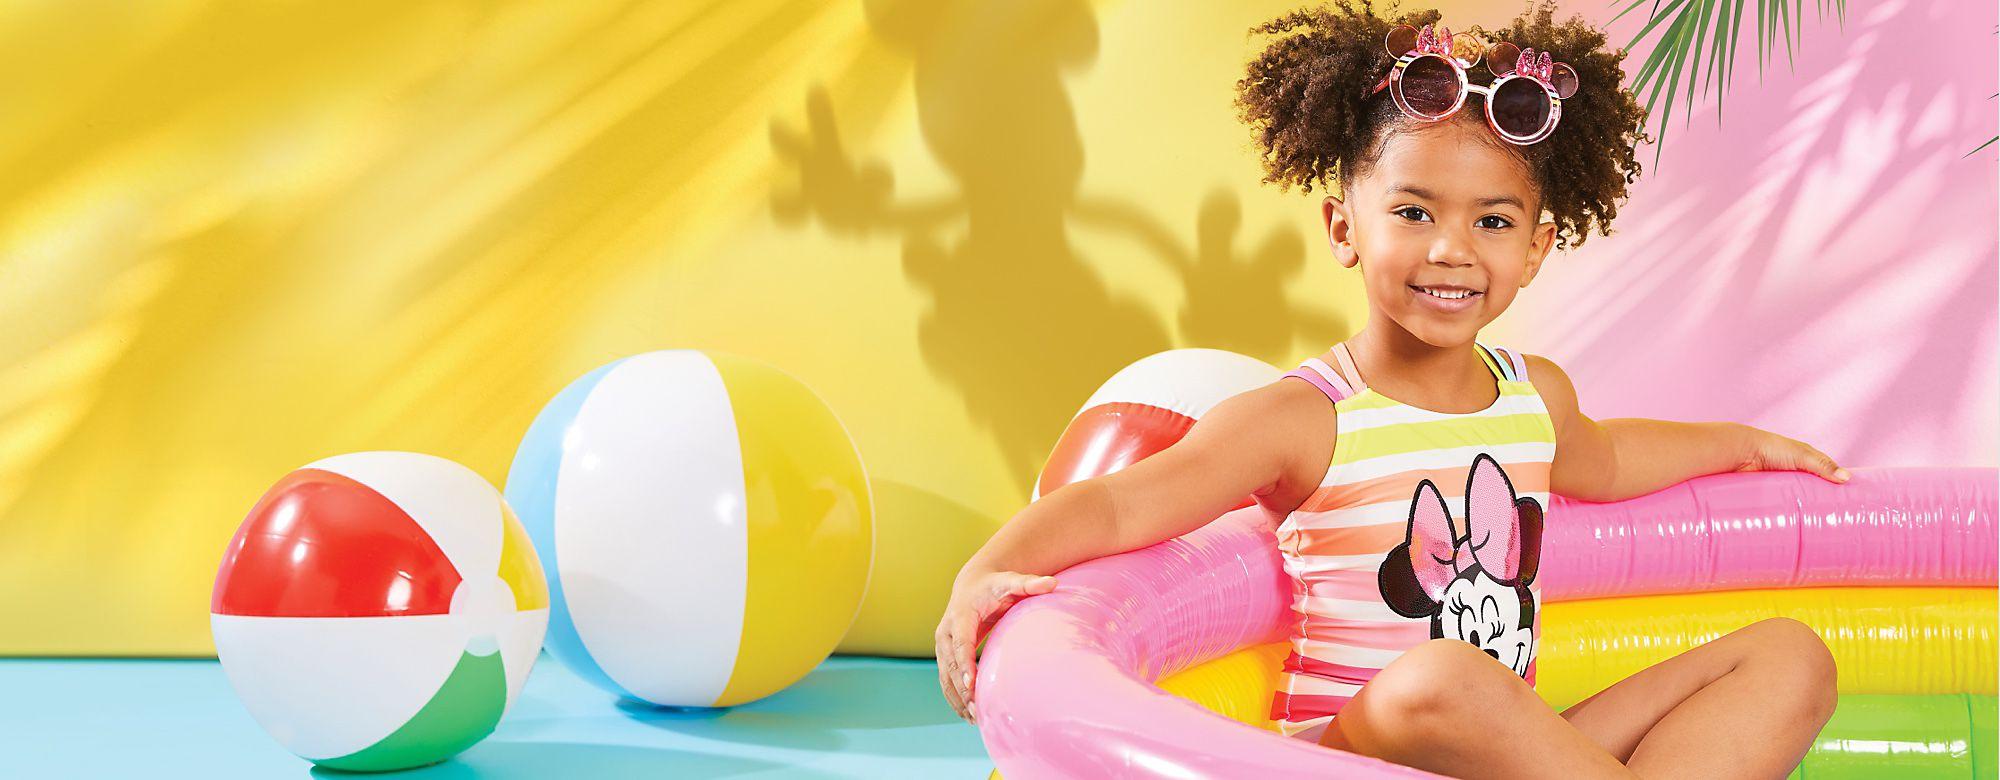 Tienda de verano Descubre el lado positivo de la vida con nuestros alegres conjuntos, nuestros juguetes y un montón de artículos más COMPRAR